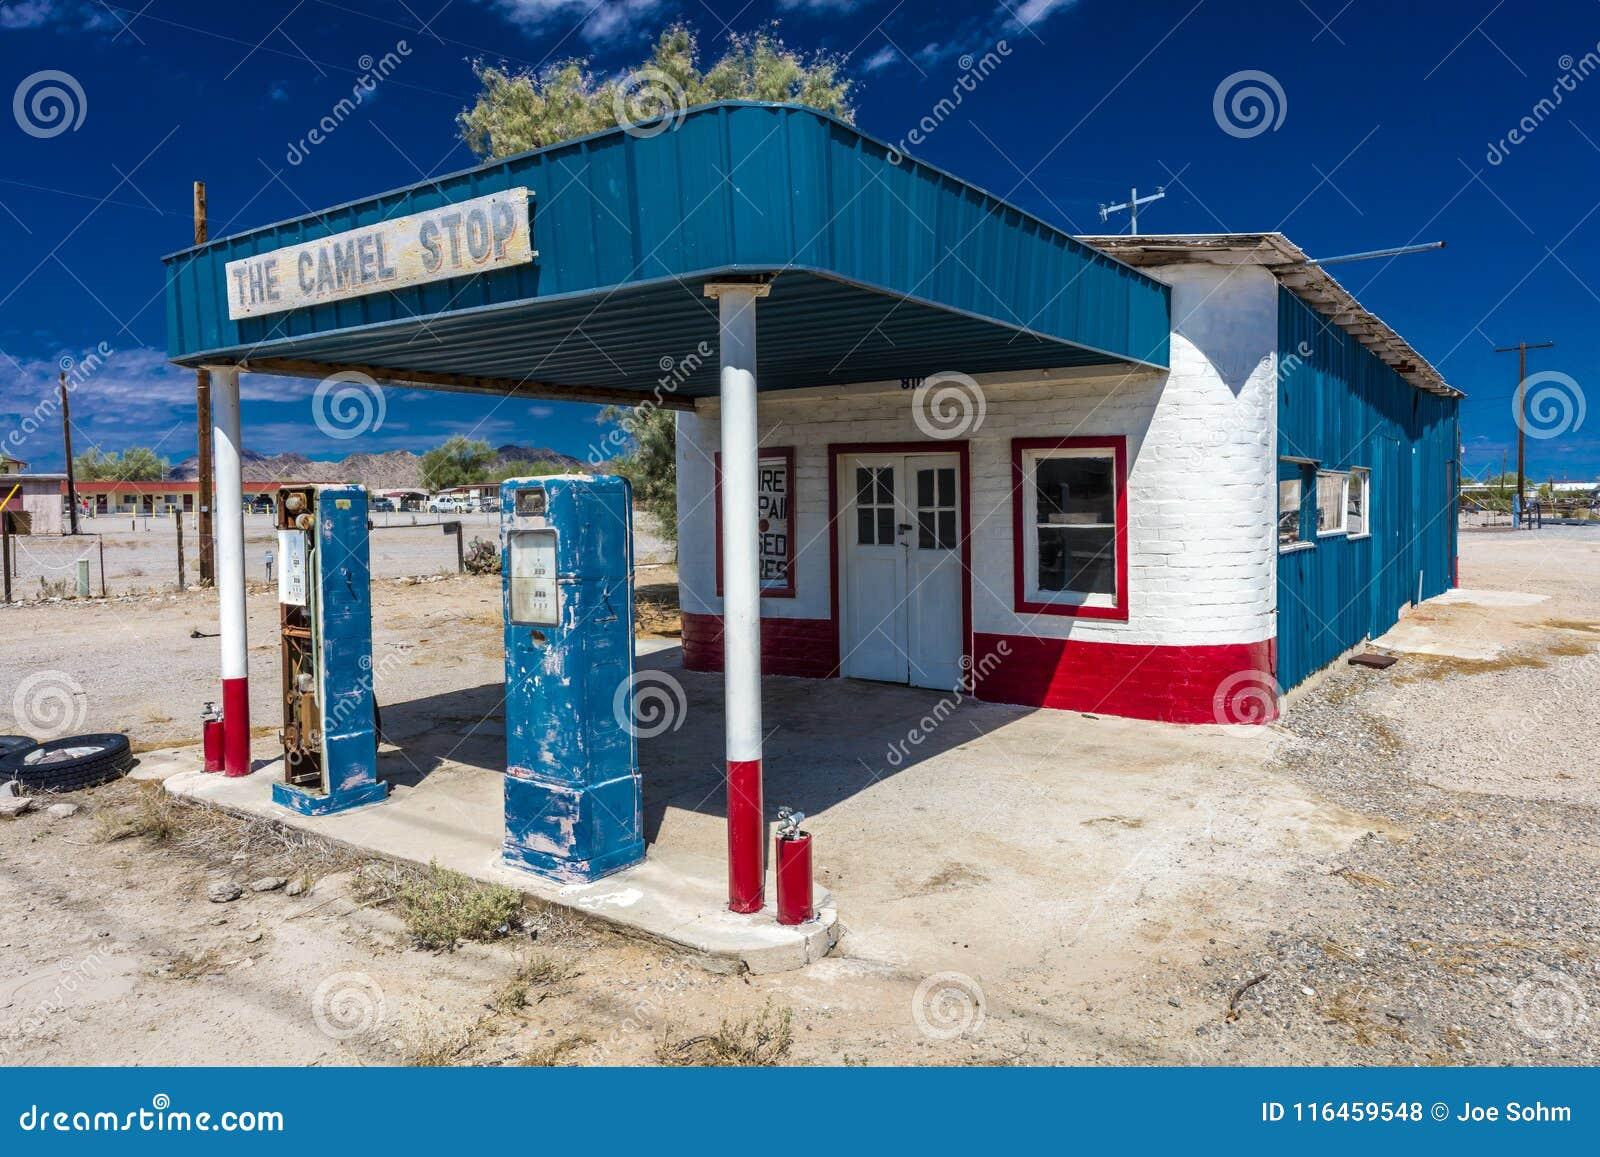 Garaje Y Gasolinera Abandonados En El Sudoeste Americano Que Es Una Parada Del Camello Quartzsite Cuarcita Ruta Foto De Archivo Editorial Imagen De Parada Cuarcita 116459548